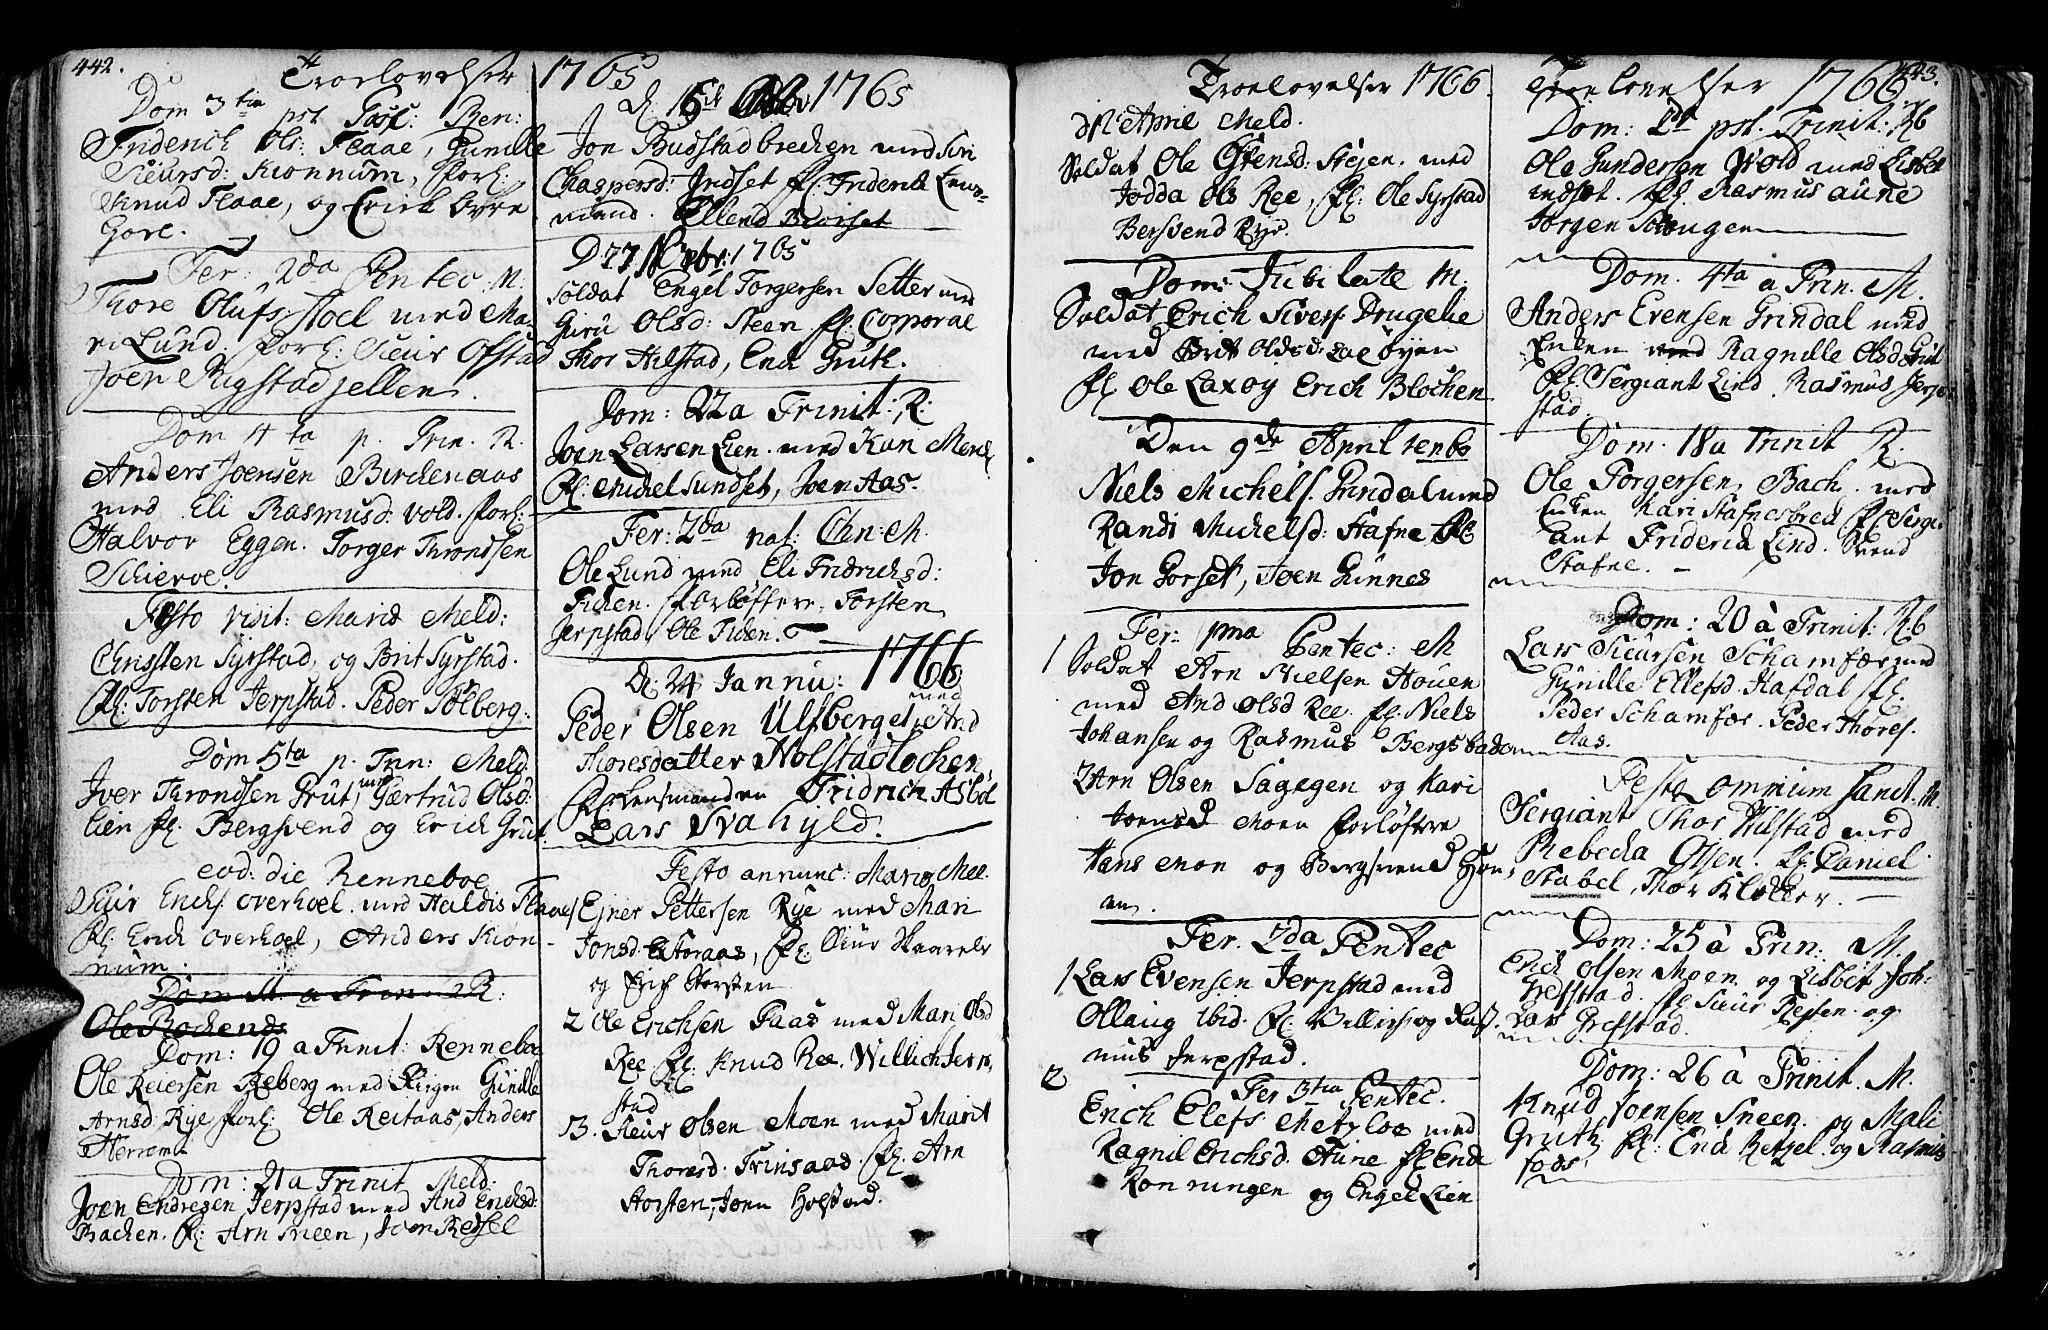 SAT, Ministerialprotokoller, klokkerbøker og fødselsregistre - Sør-Trøndelag, 672/L0851: Ministerialbok nr. 672A04, 1751-1775, s. 442-443